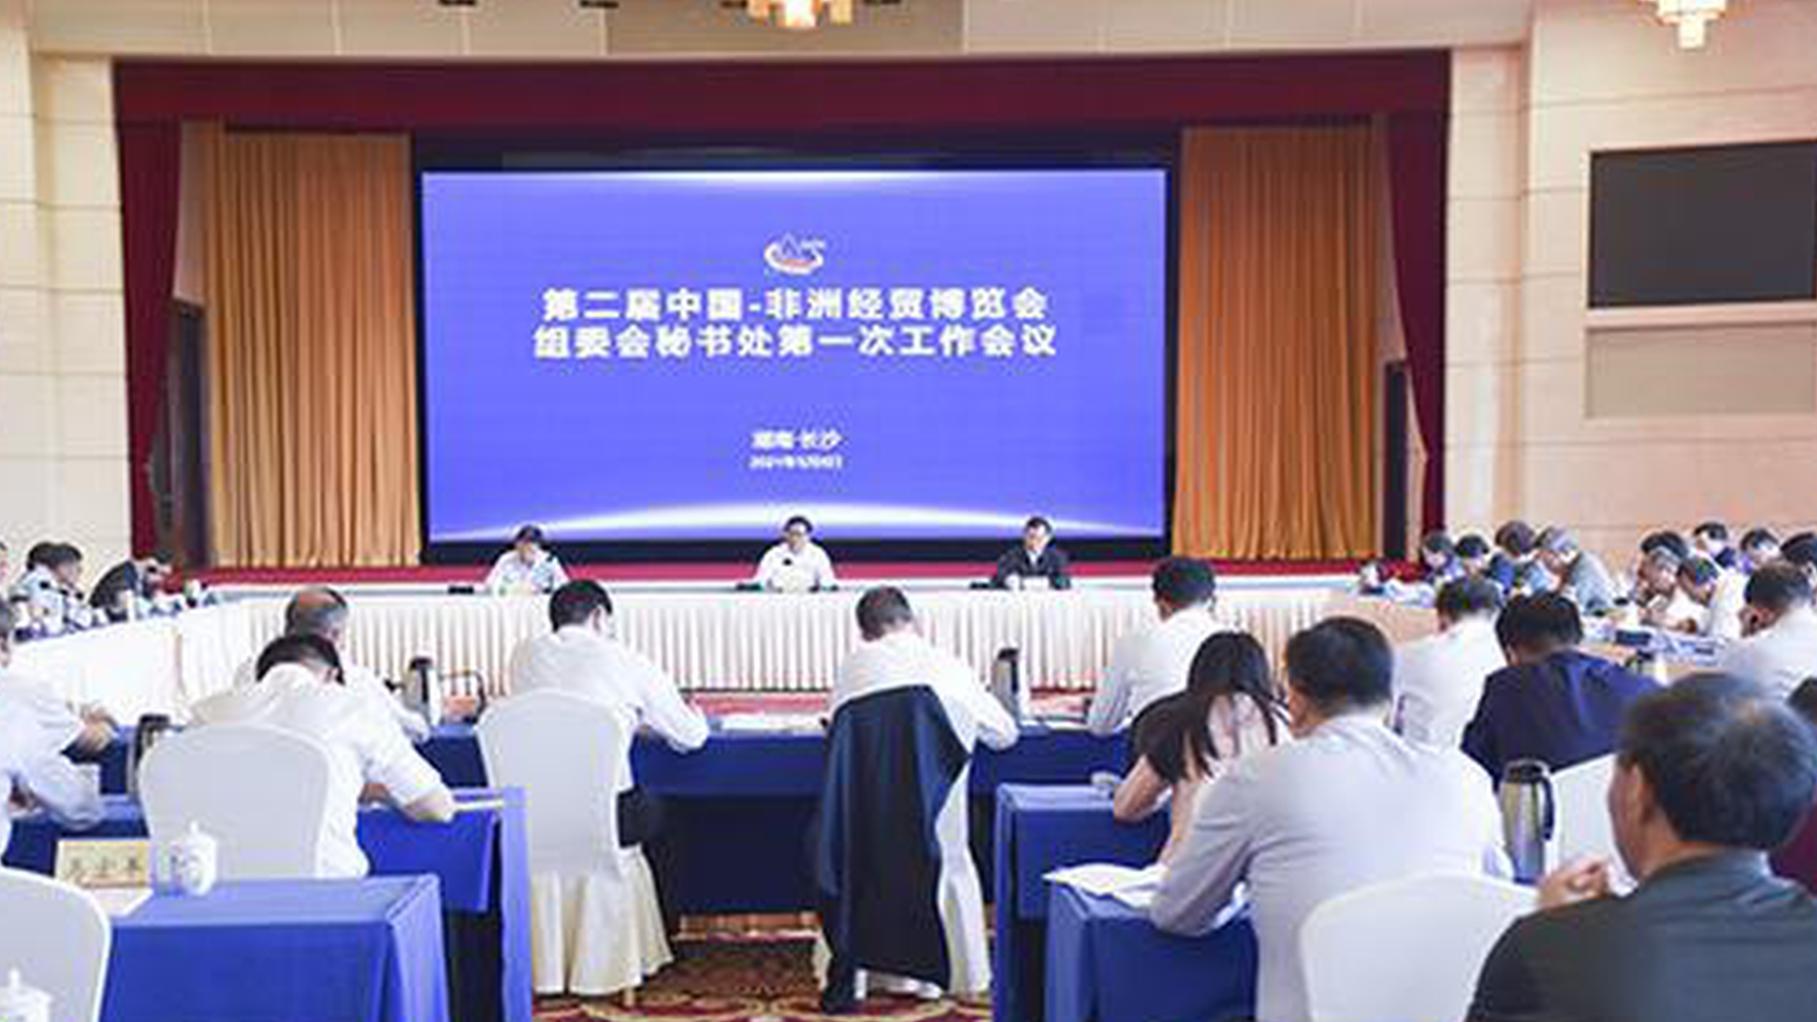 第二届中国-非洲经贸博览会组委会秘书处召开第一次工作会议